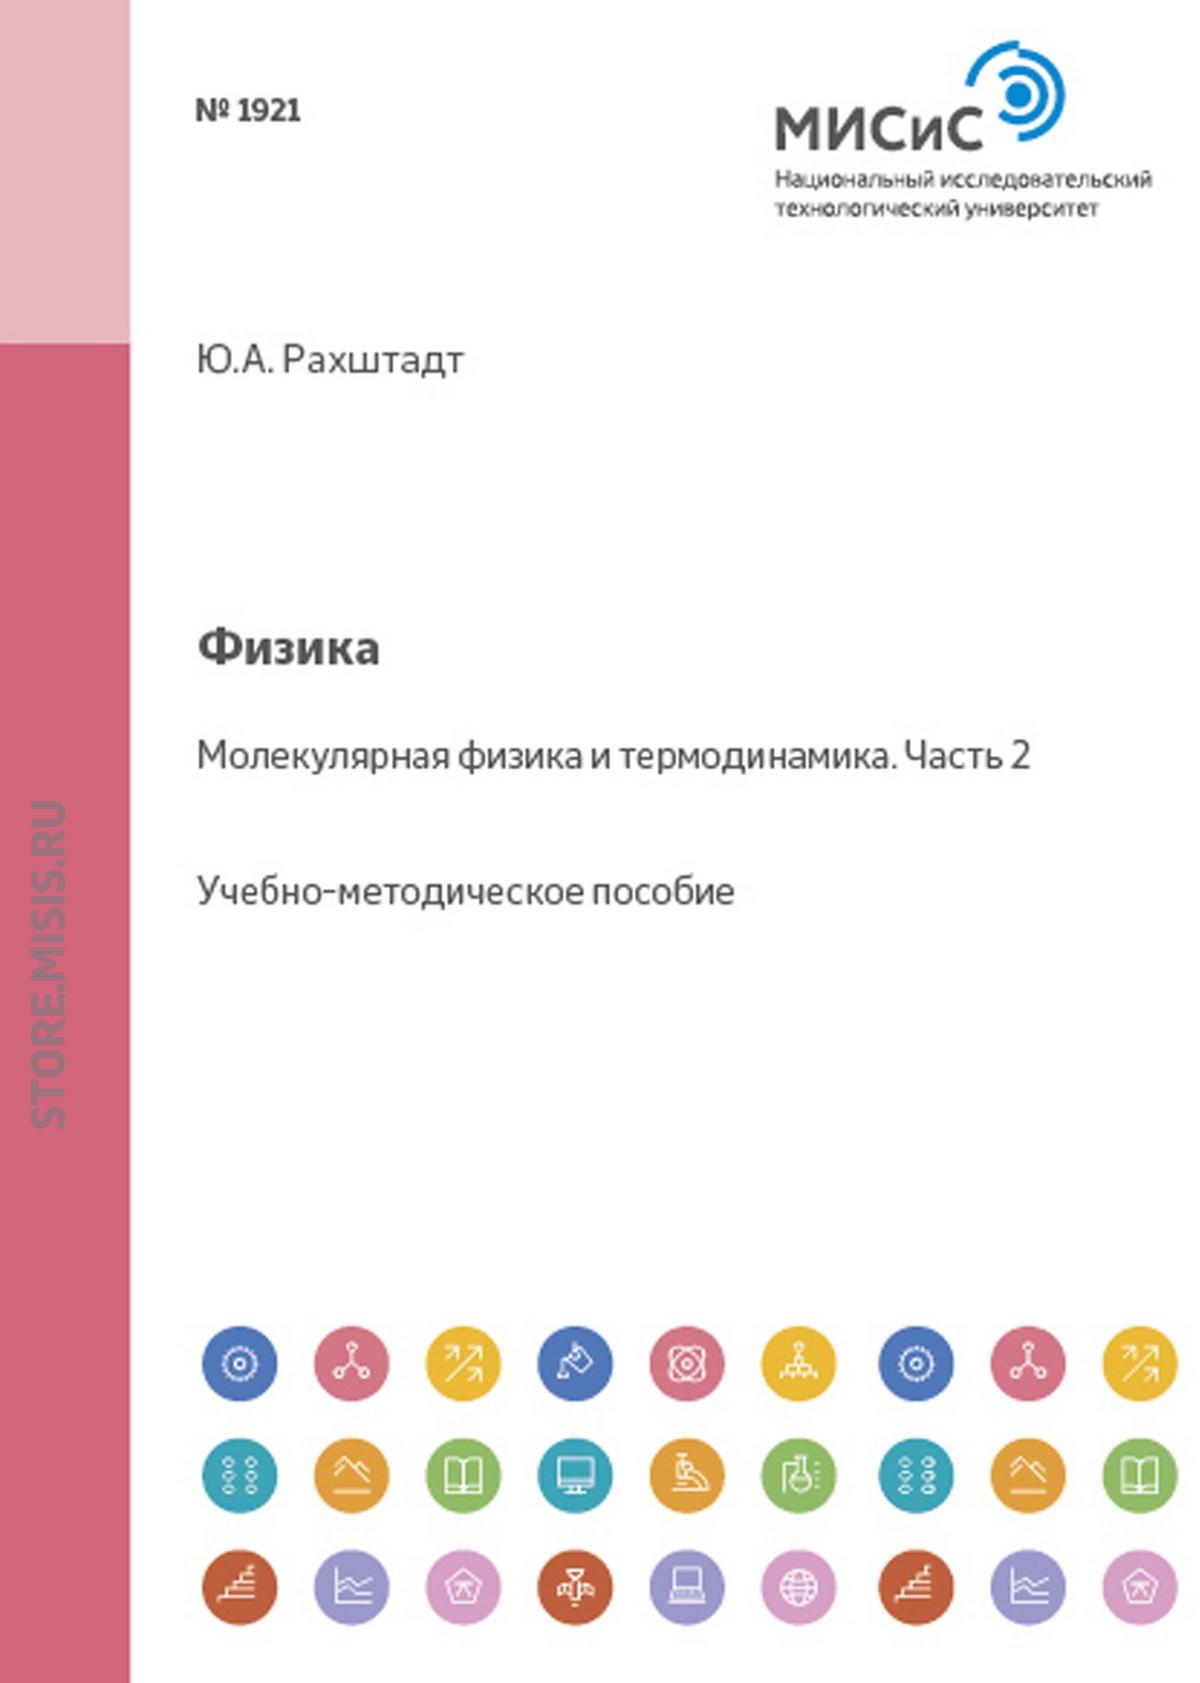 Юрий Рахштадт Физика. Молекулярная физика и термодинамика. Часть 2 цена